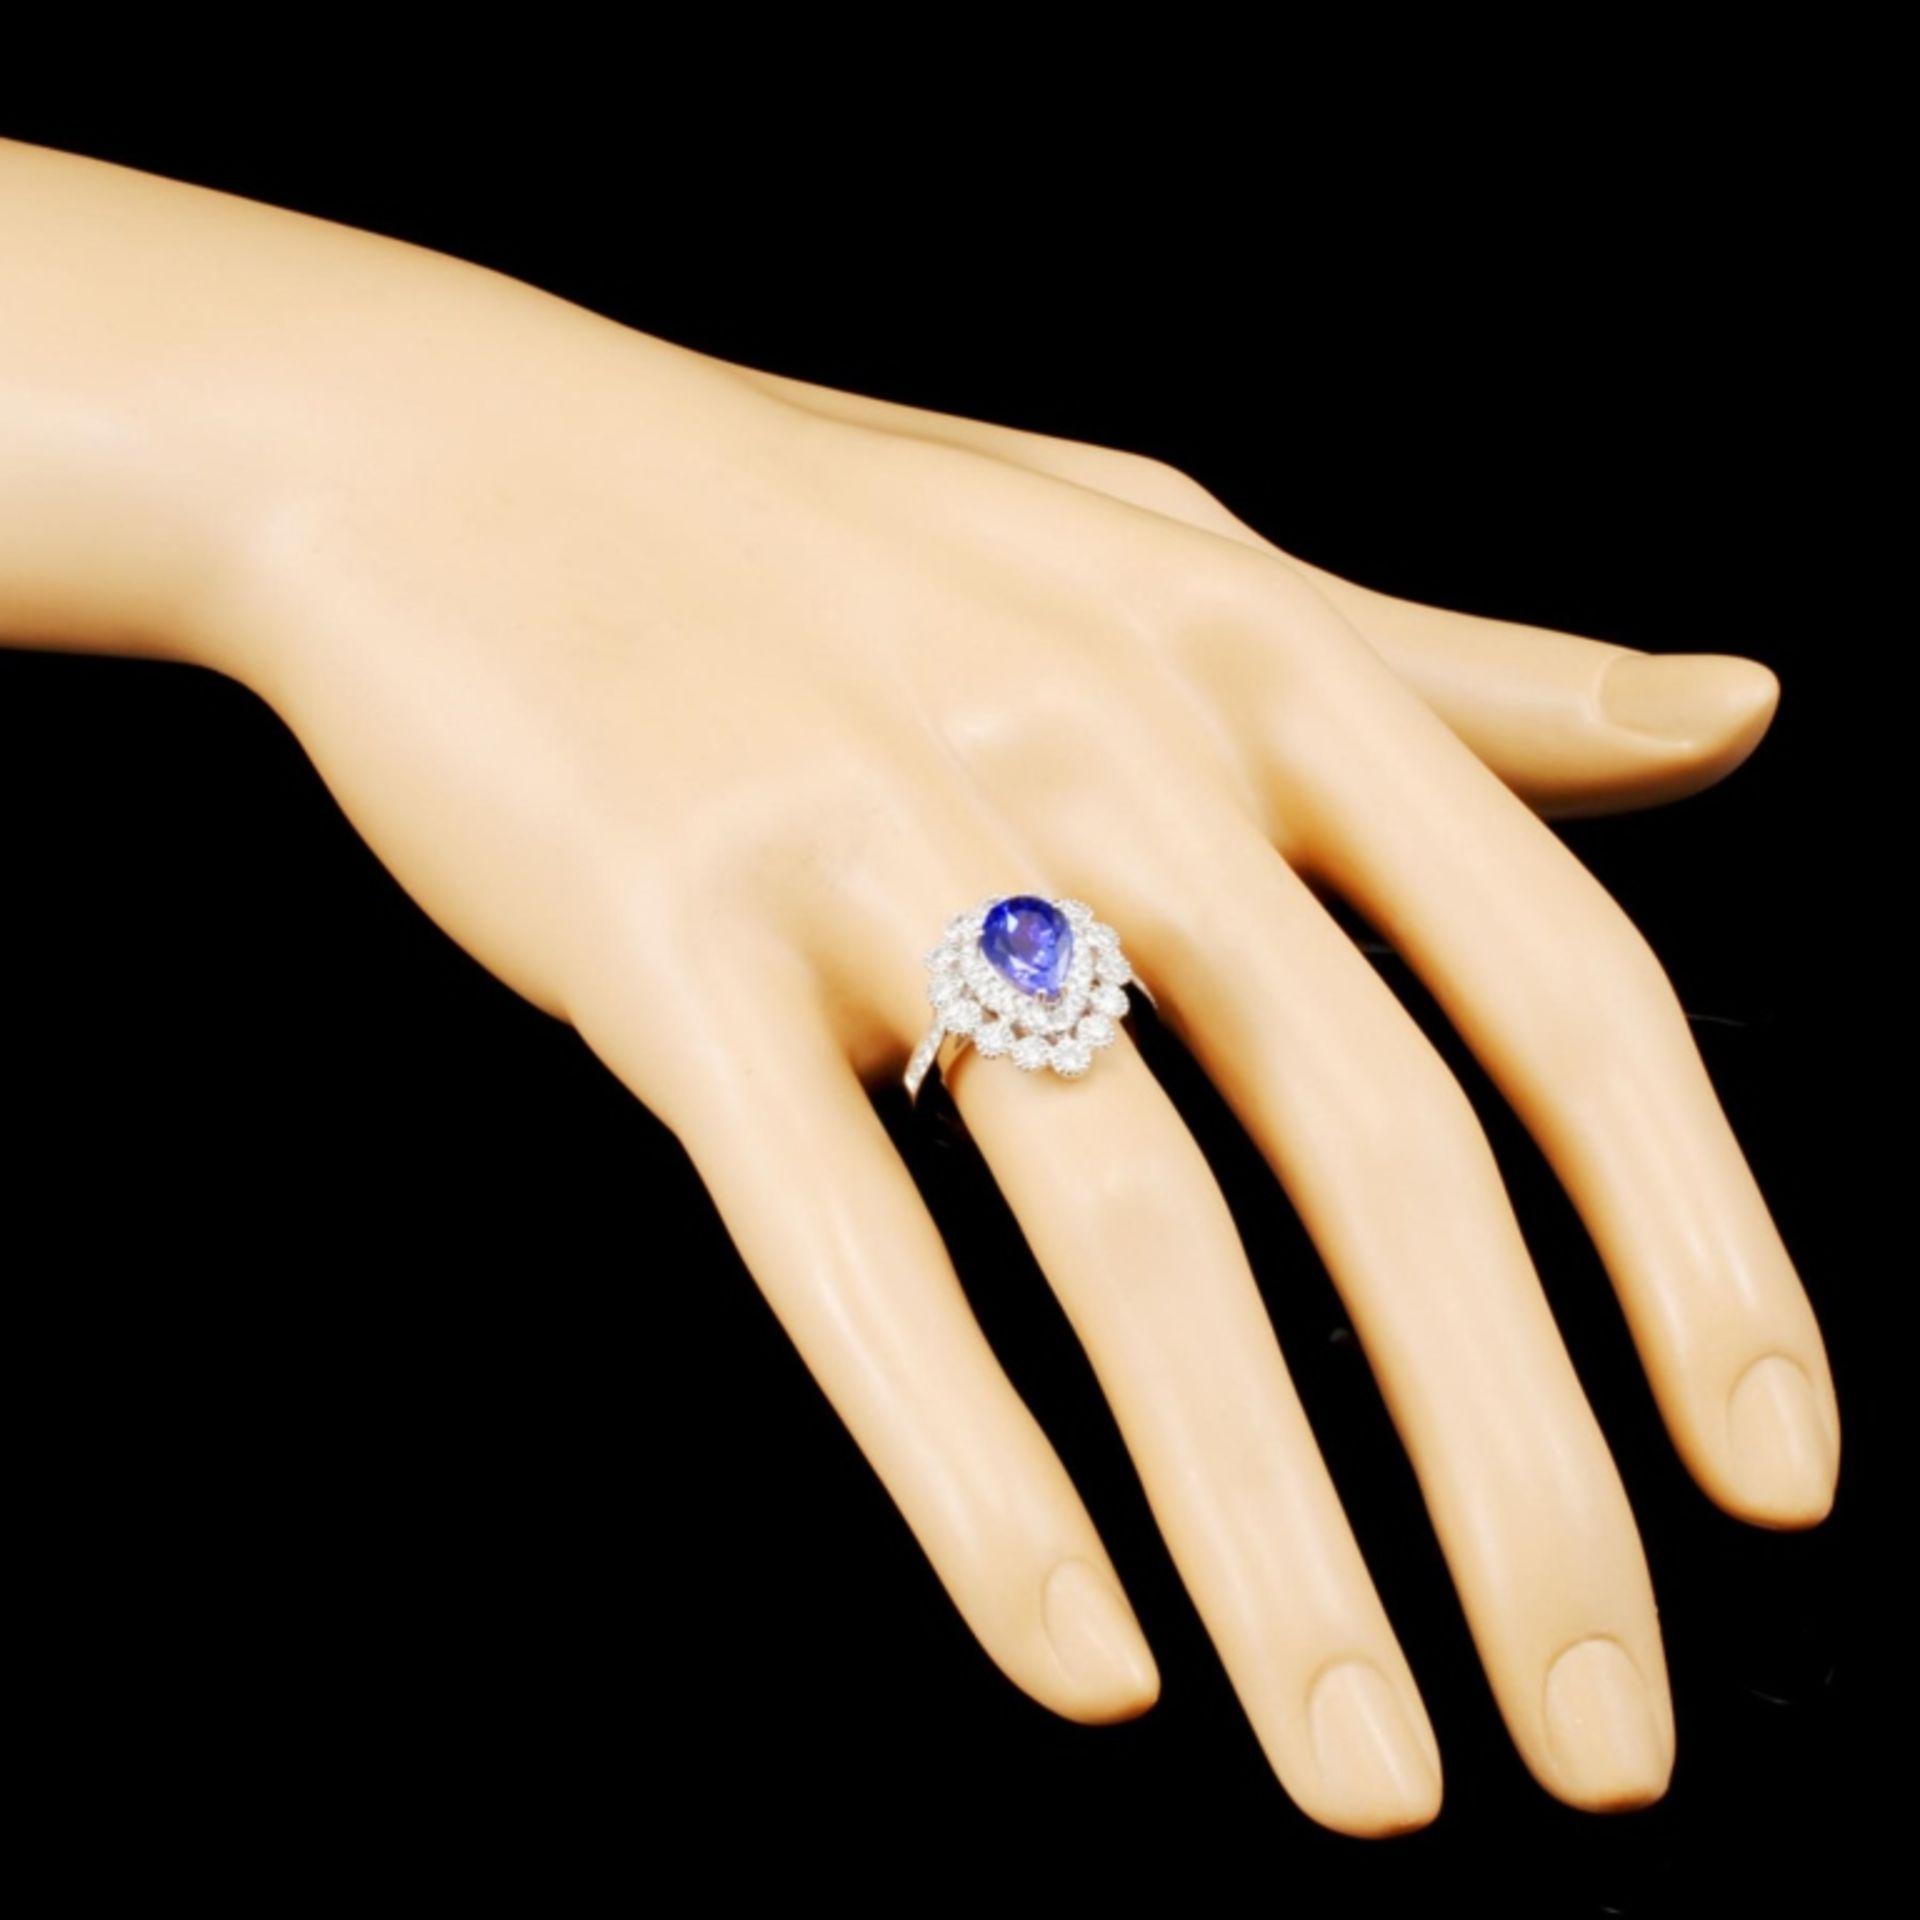 18K Gold 1.95ct Tanzanite & 0.87ctw Diamond Ring - Image 3 of 5